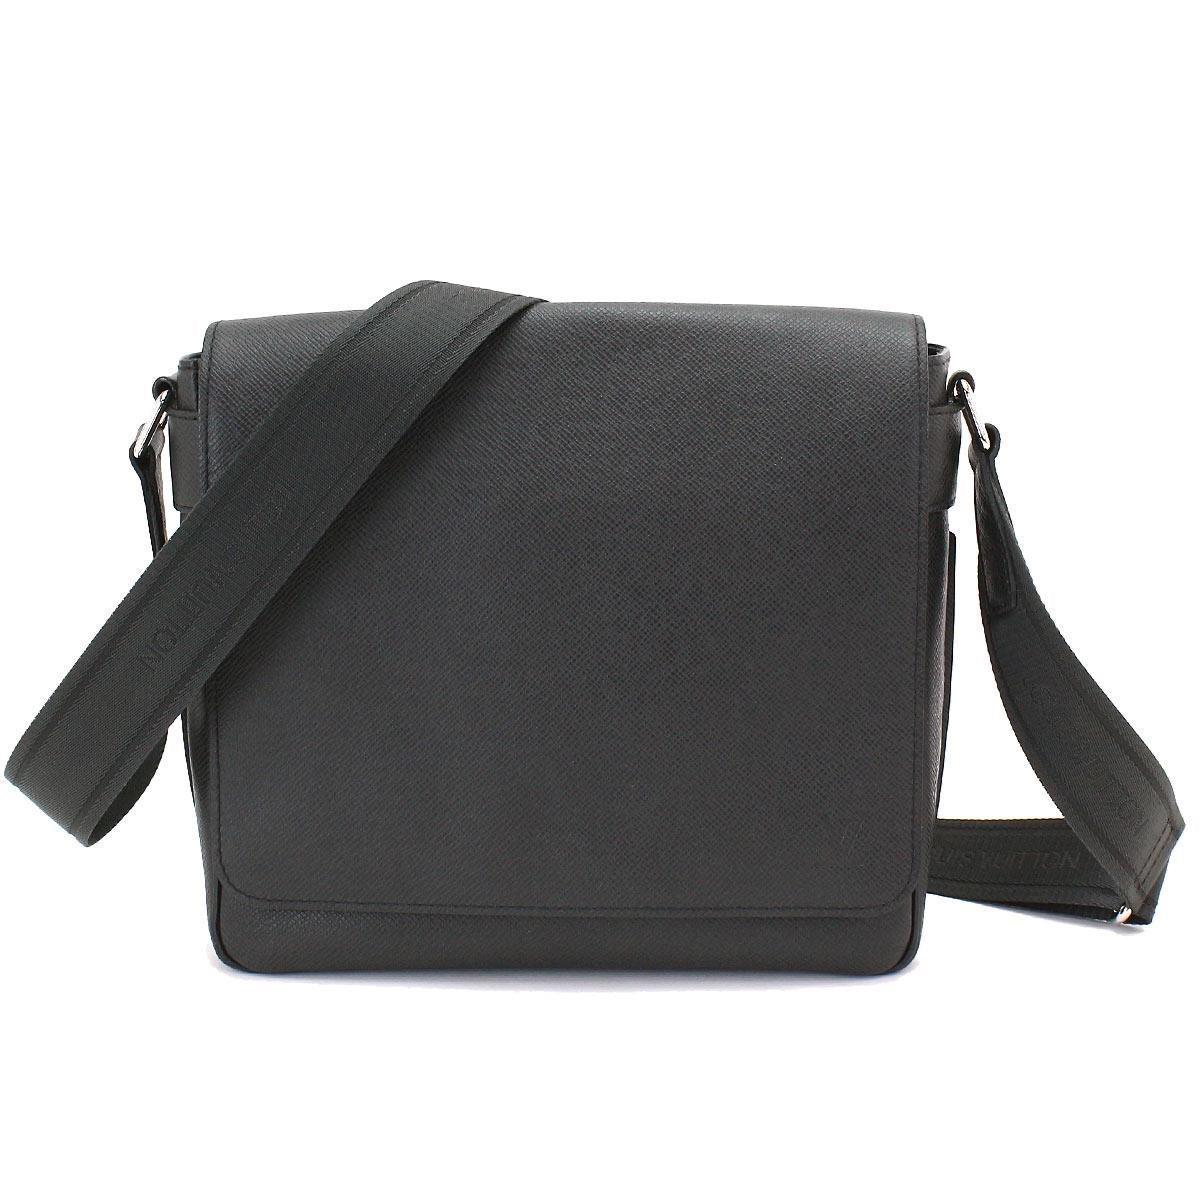 261b00ee7ea Louis Vuitton Black Taiga Leather Roman Pm Shoulder Bag Ardoise M32852  90044851..